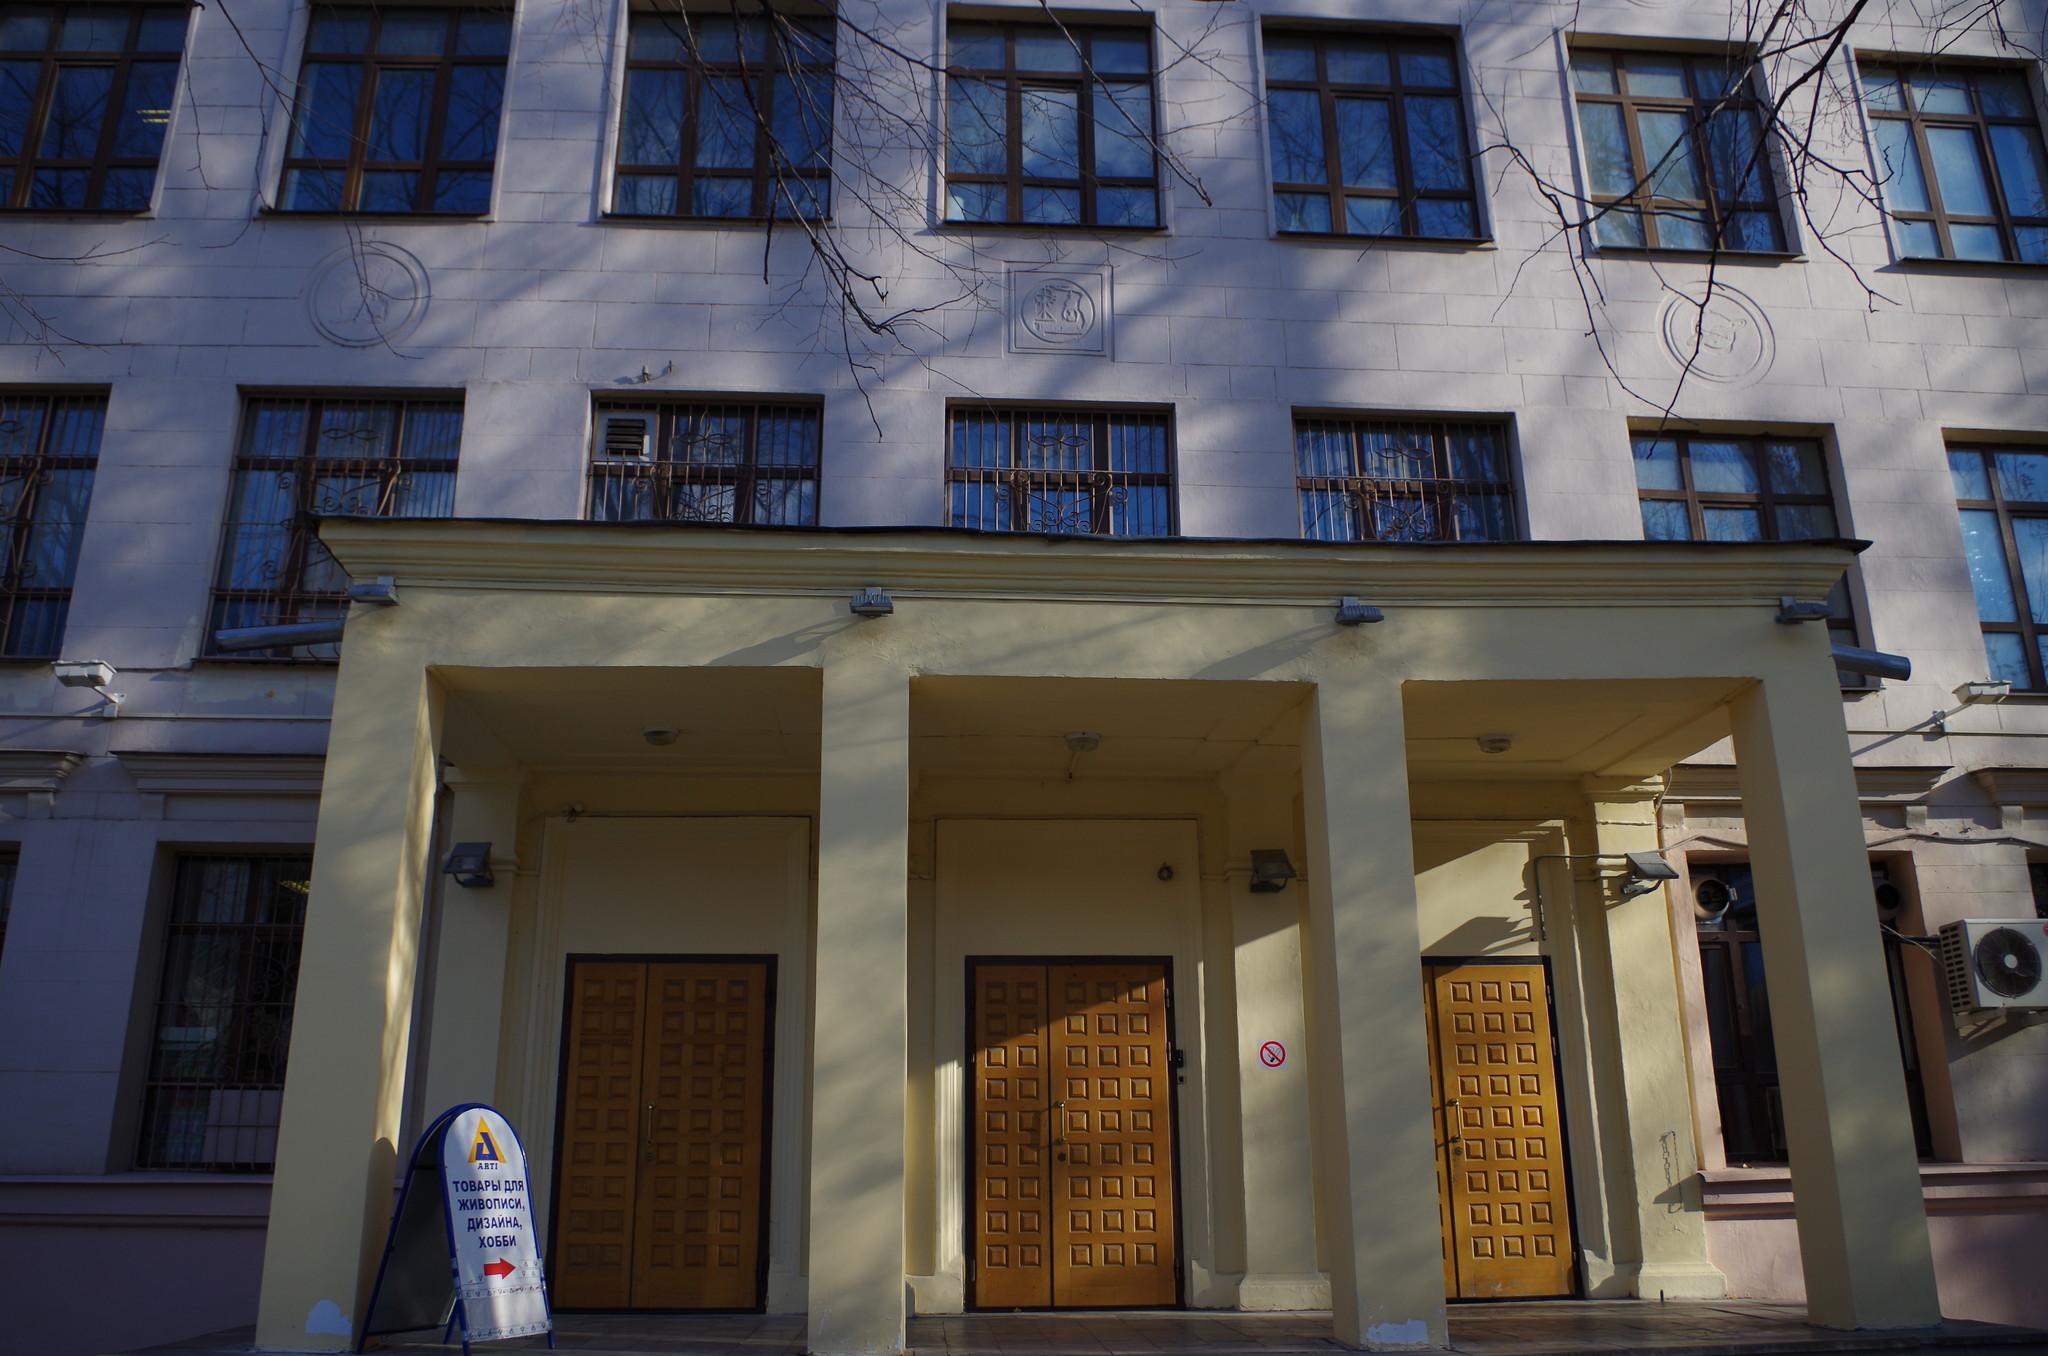 Московский государственный академический художественный институт имени В.И. Сурикова (Лаврушинский переулок, дом 15)